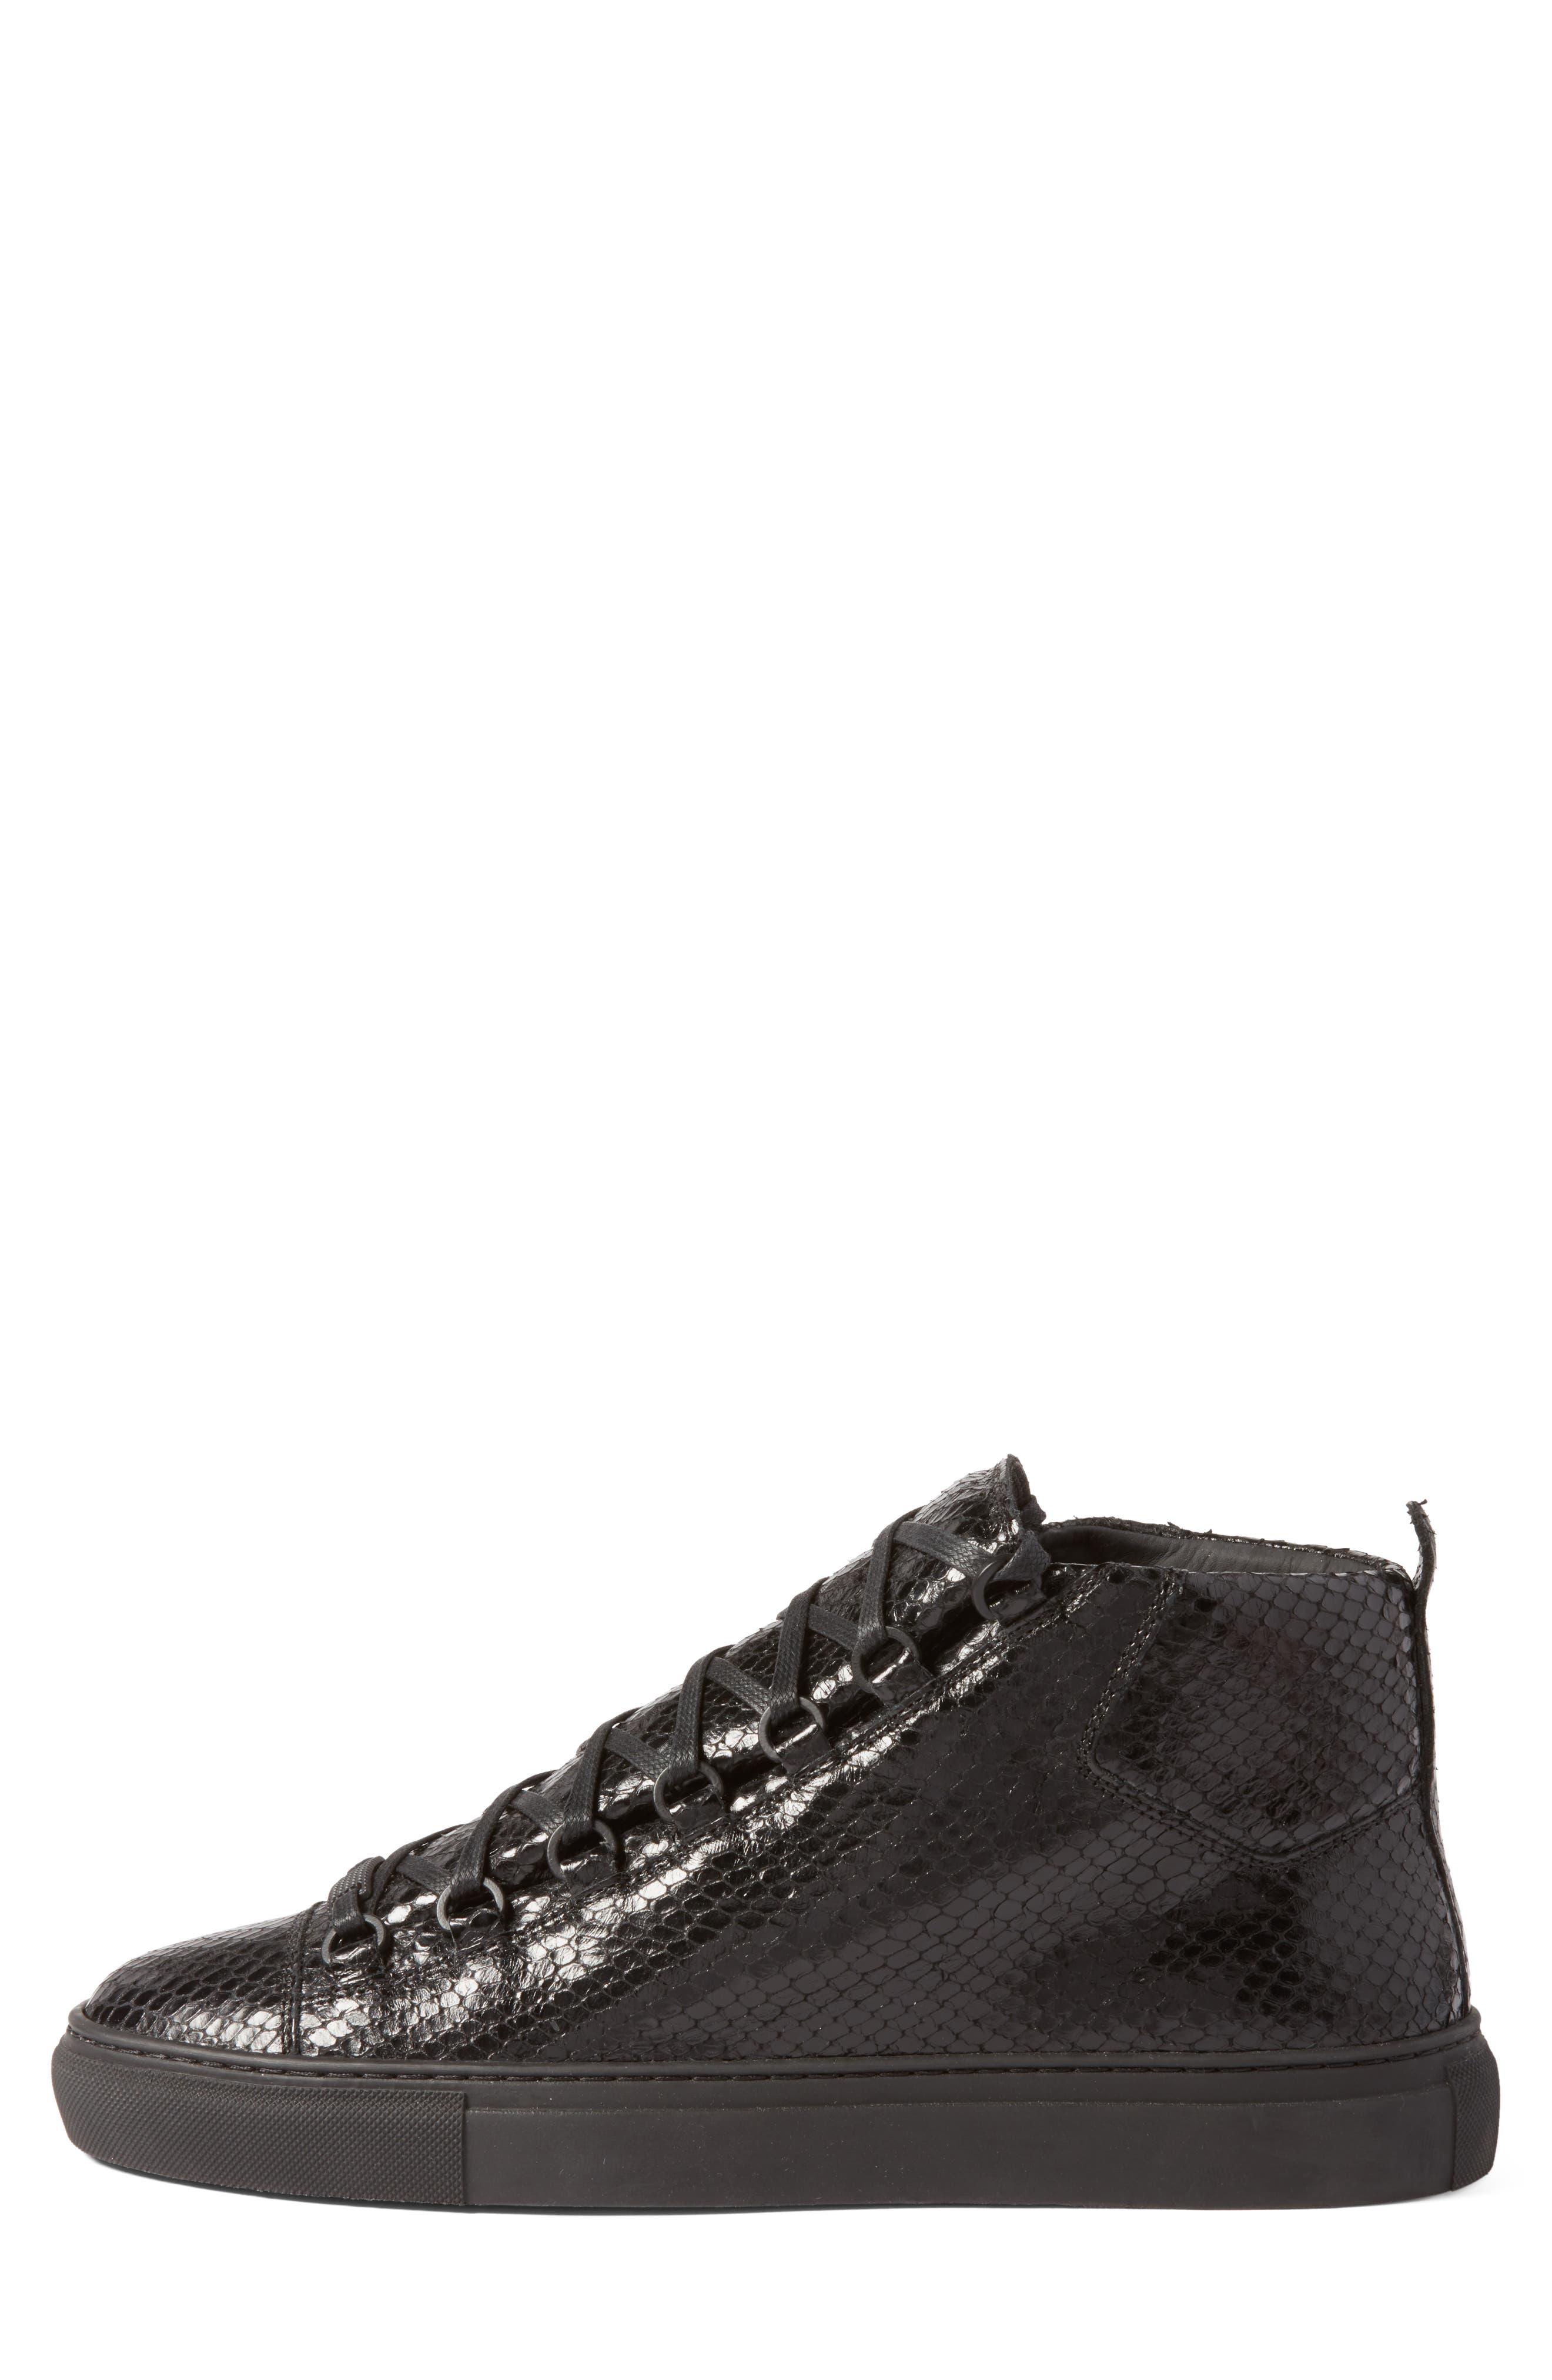 Alternate Image 3  - Balenciaga High Top Sneaker (Men)